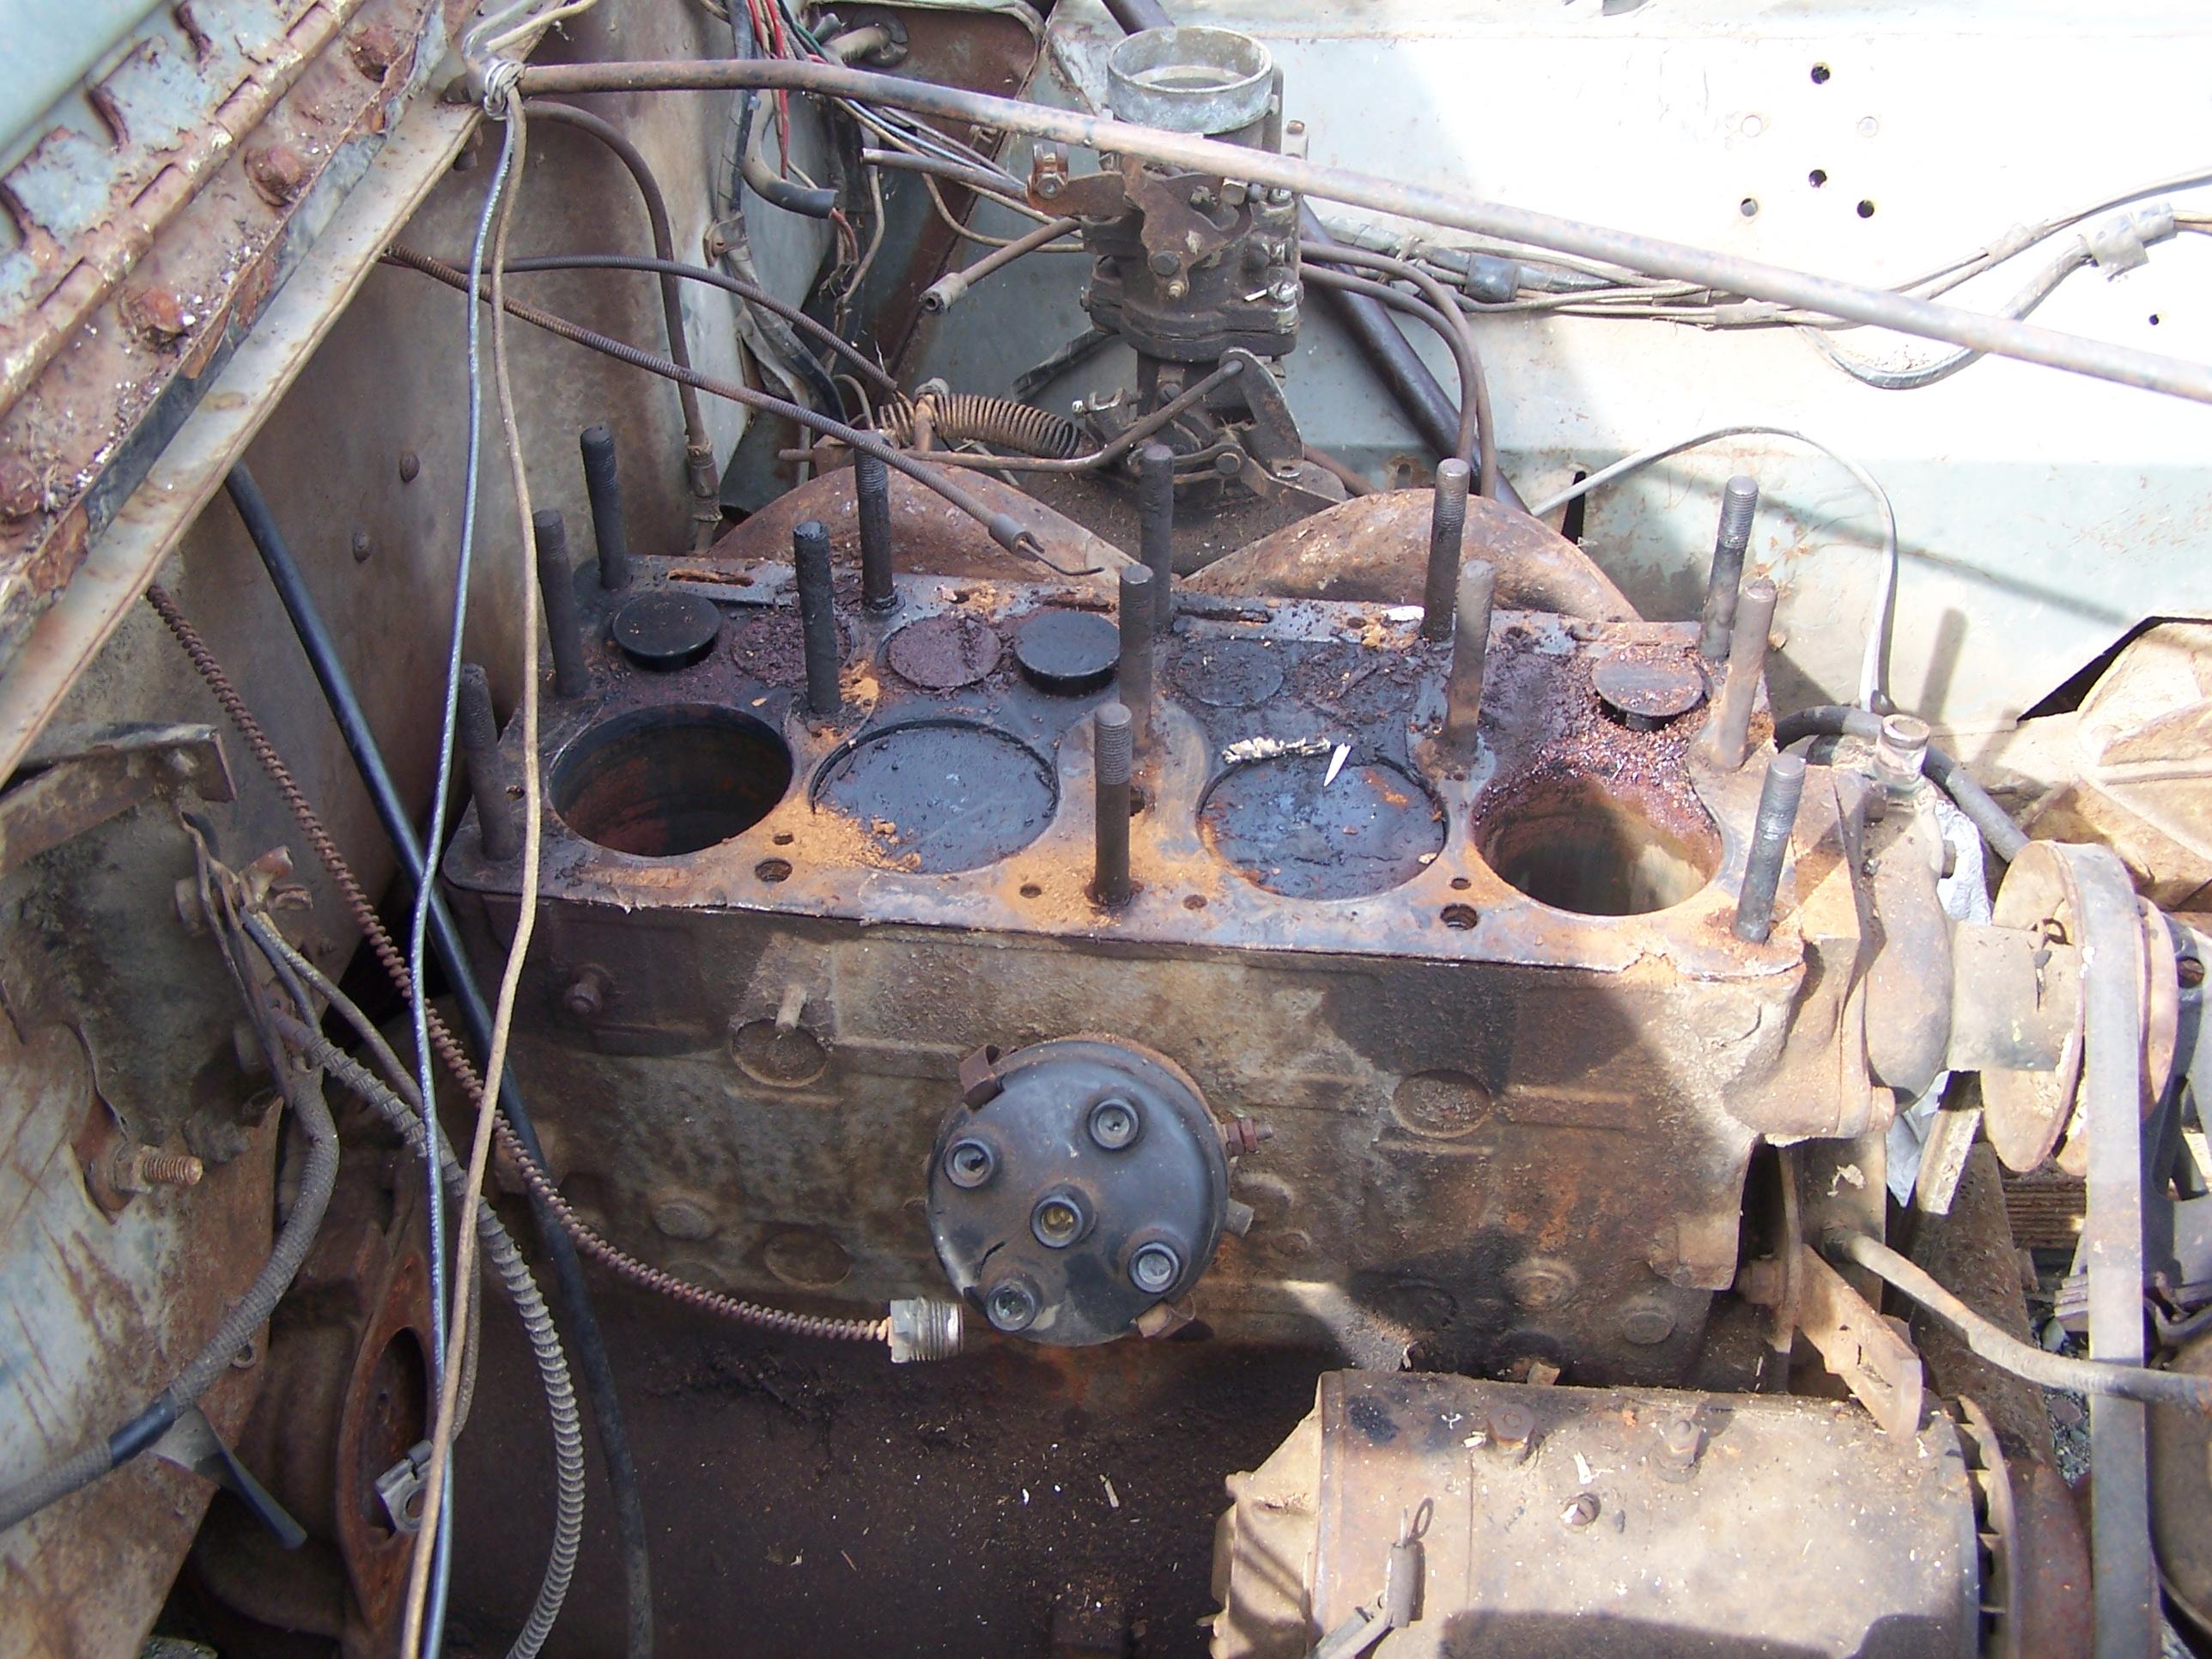 D884C9EF-8137-4FE4-A1A5-E8D94C34B55F.jpeg